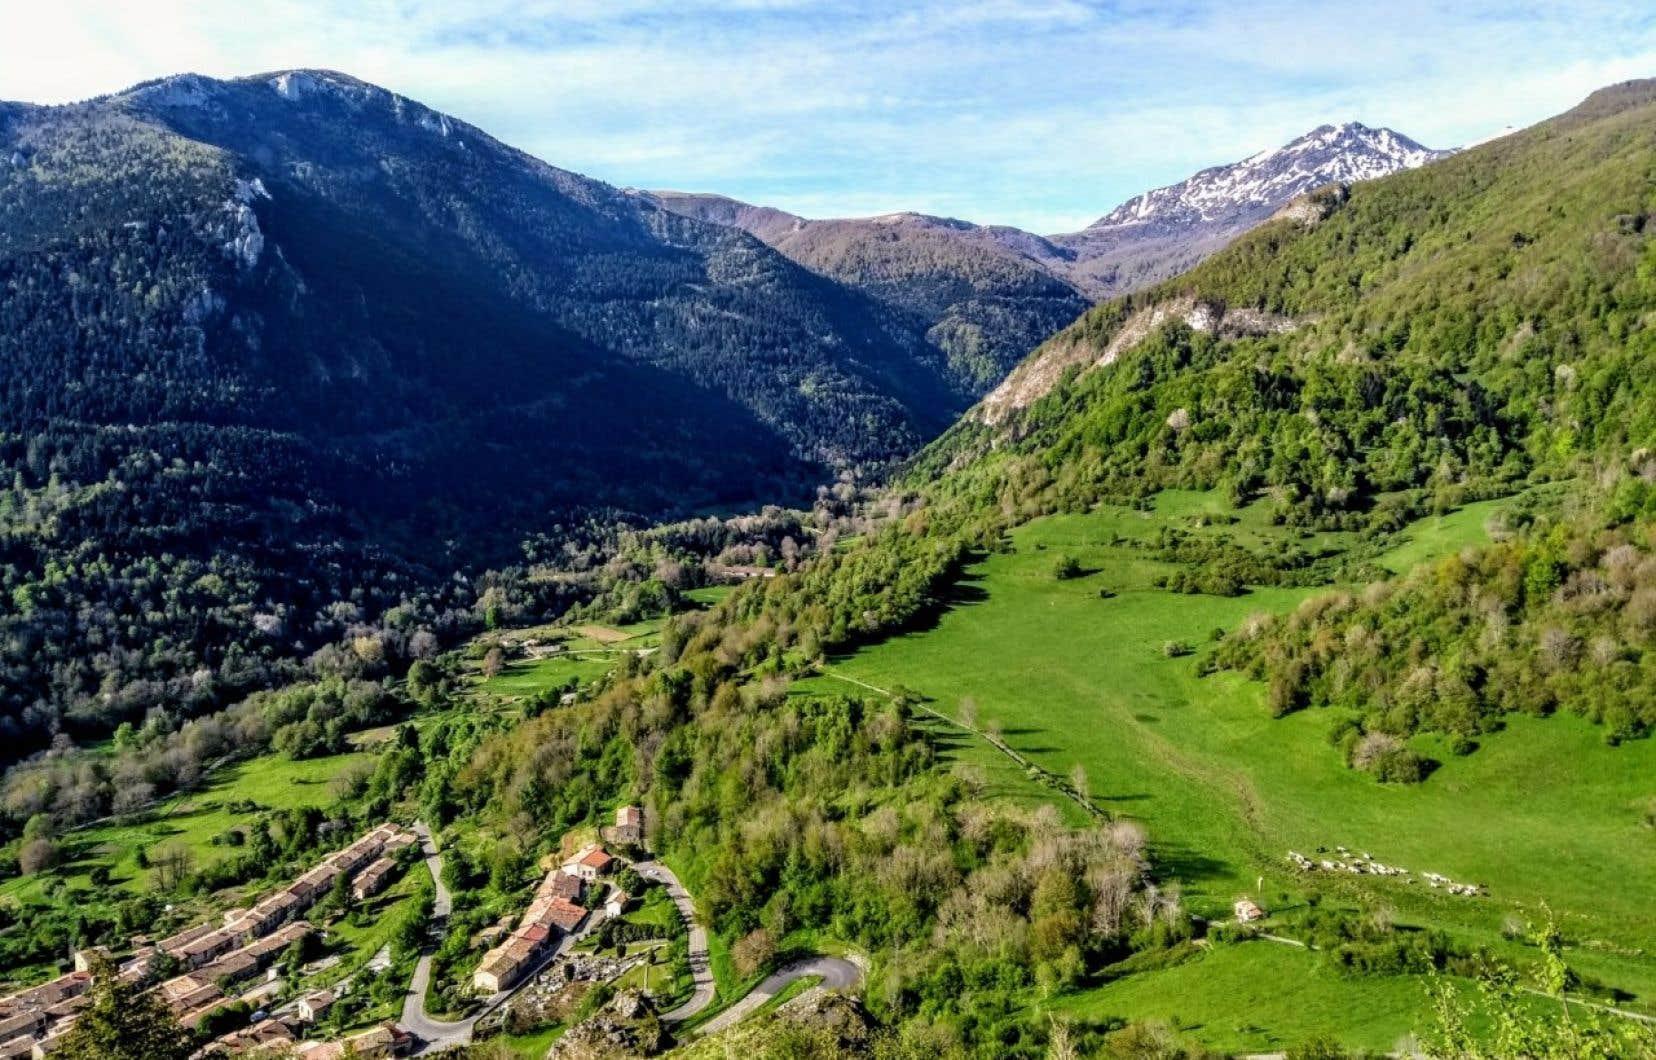 Homologué en 2014 par la Fédération française de randonnée pédestre, le GR 367 se fait en 12 étapes d'une vingtaine de kilomètres chacune.